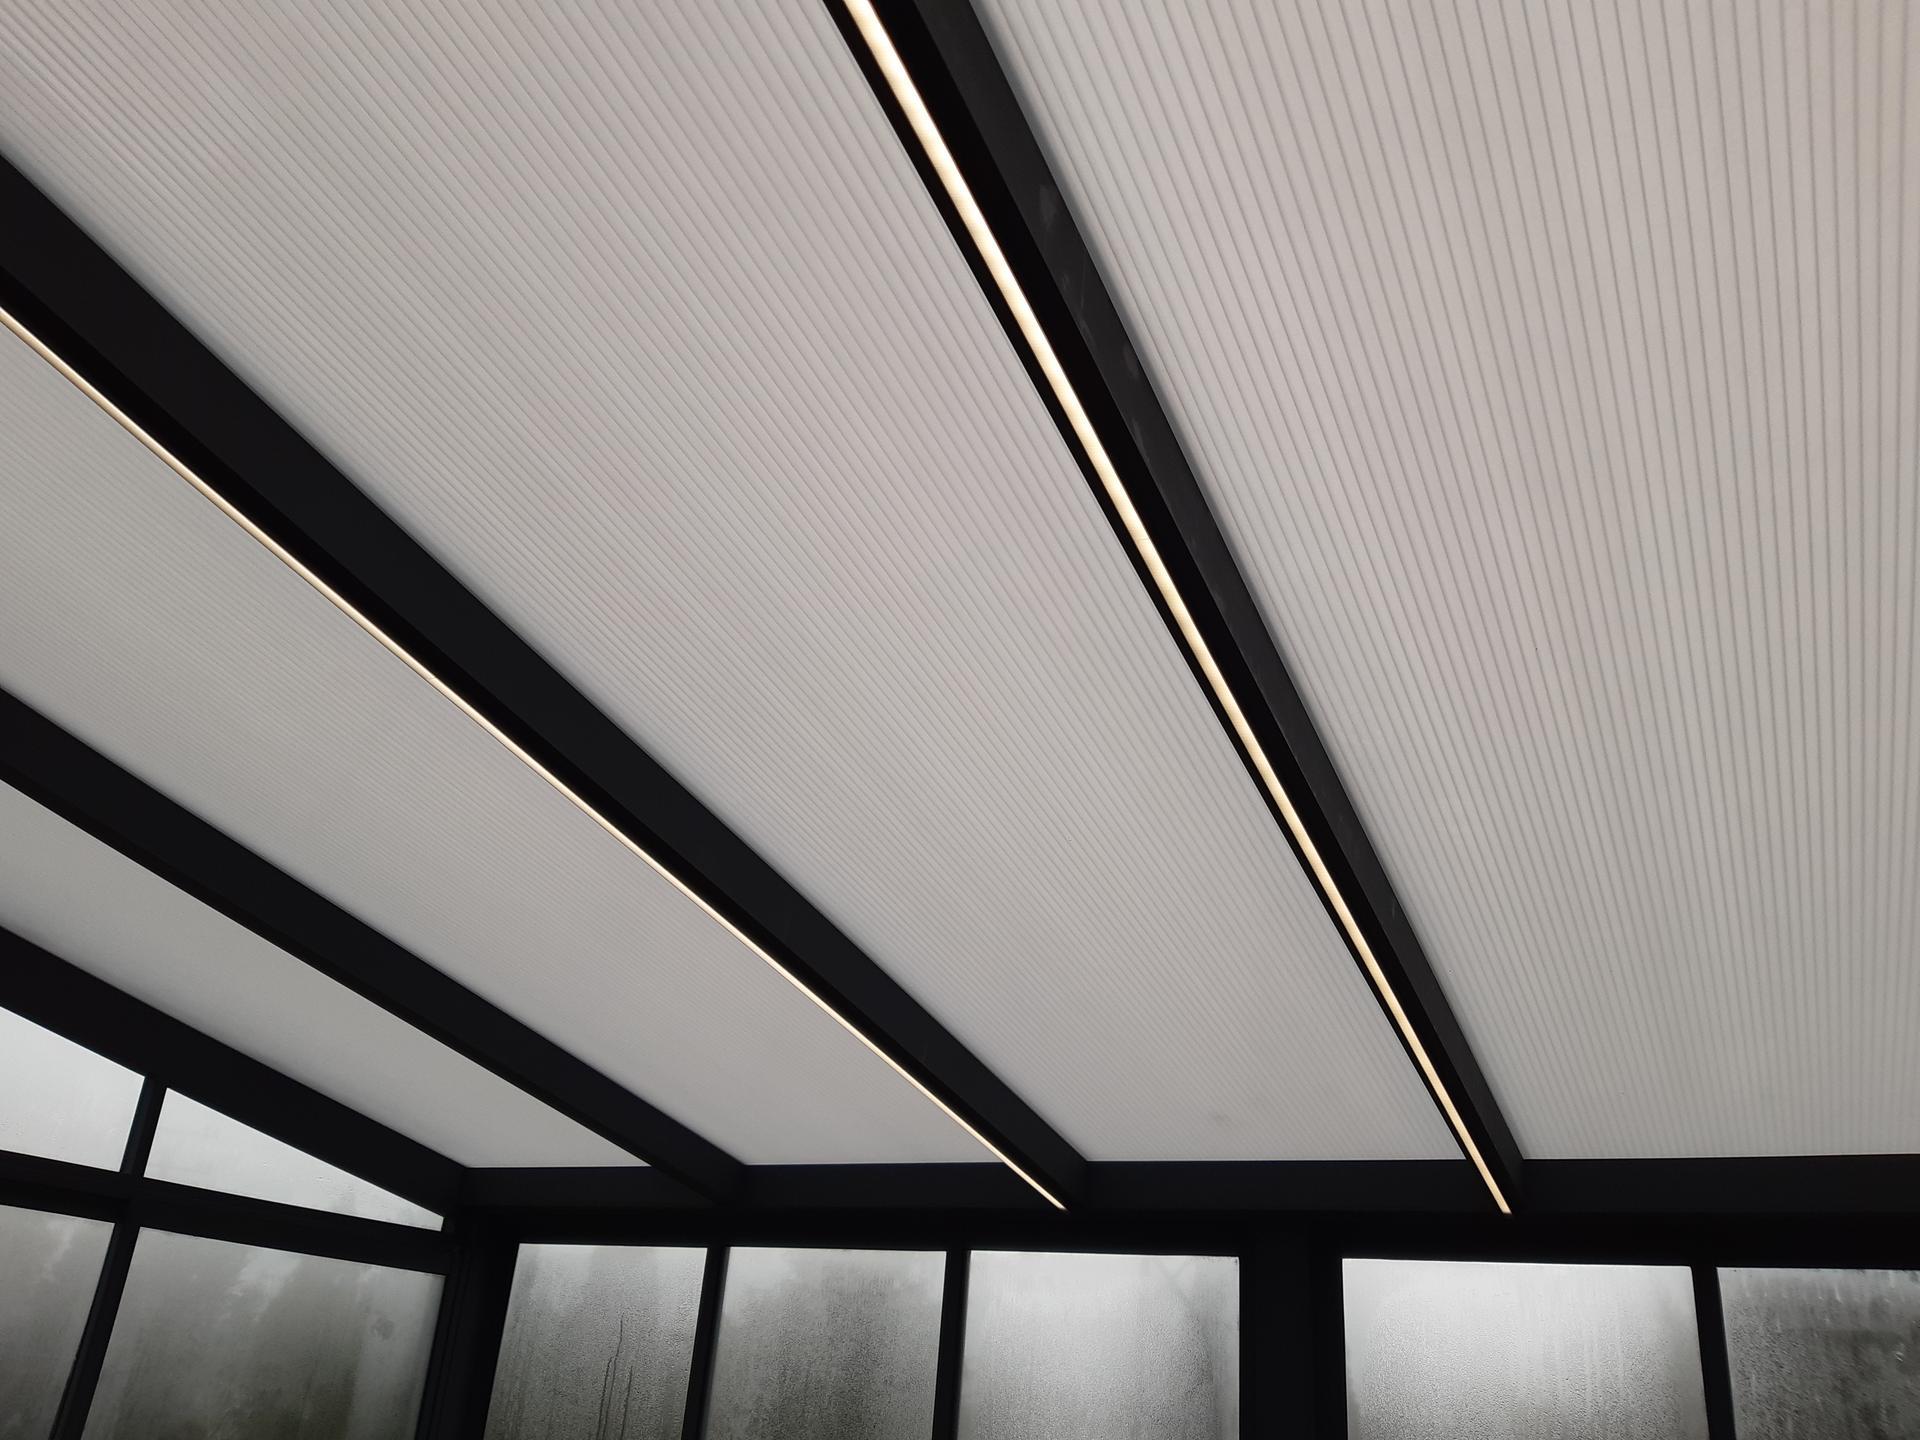 Moderný dizajn vašej terasy vyžaduje aj štýlové Led osvetlenie... V tomto prípade aj s regulovateľným stmievaním oboch Led pásov. - Obrázok č. 3